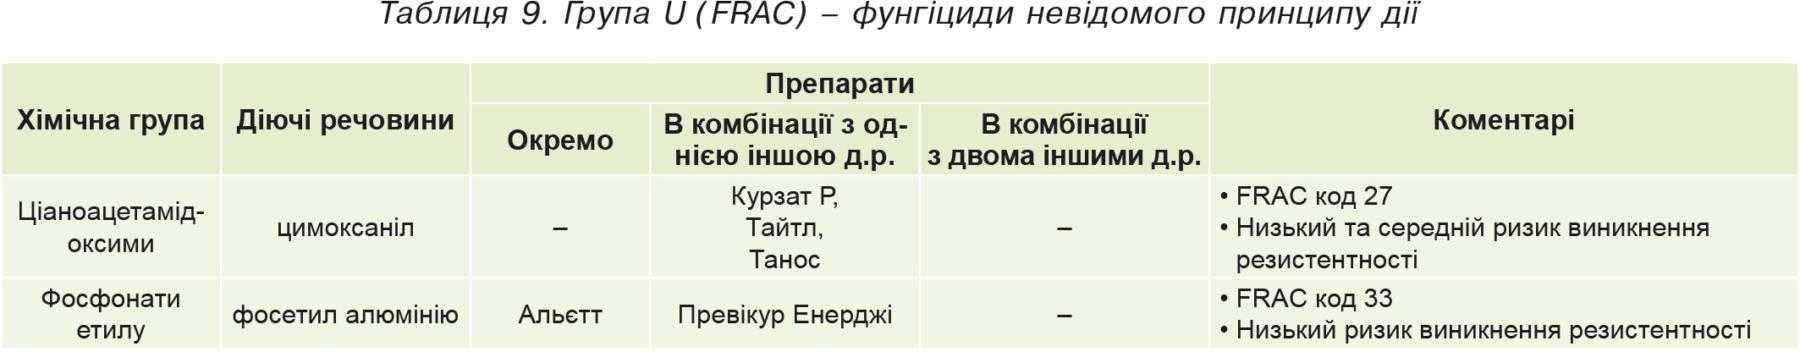 Таблиця9. Група U (FRAC)– фунгіциди невідомого принципу дії